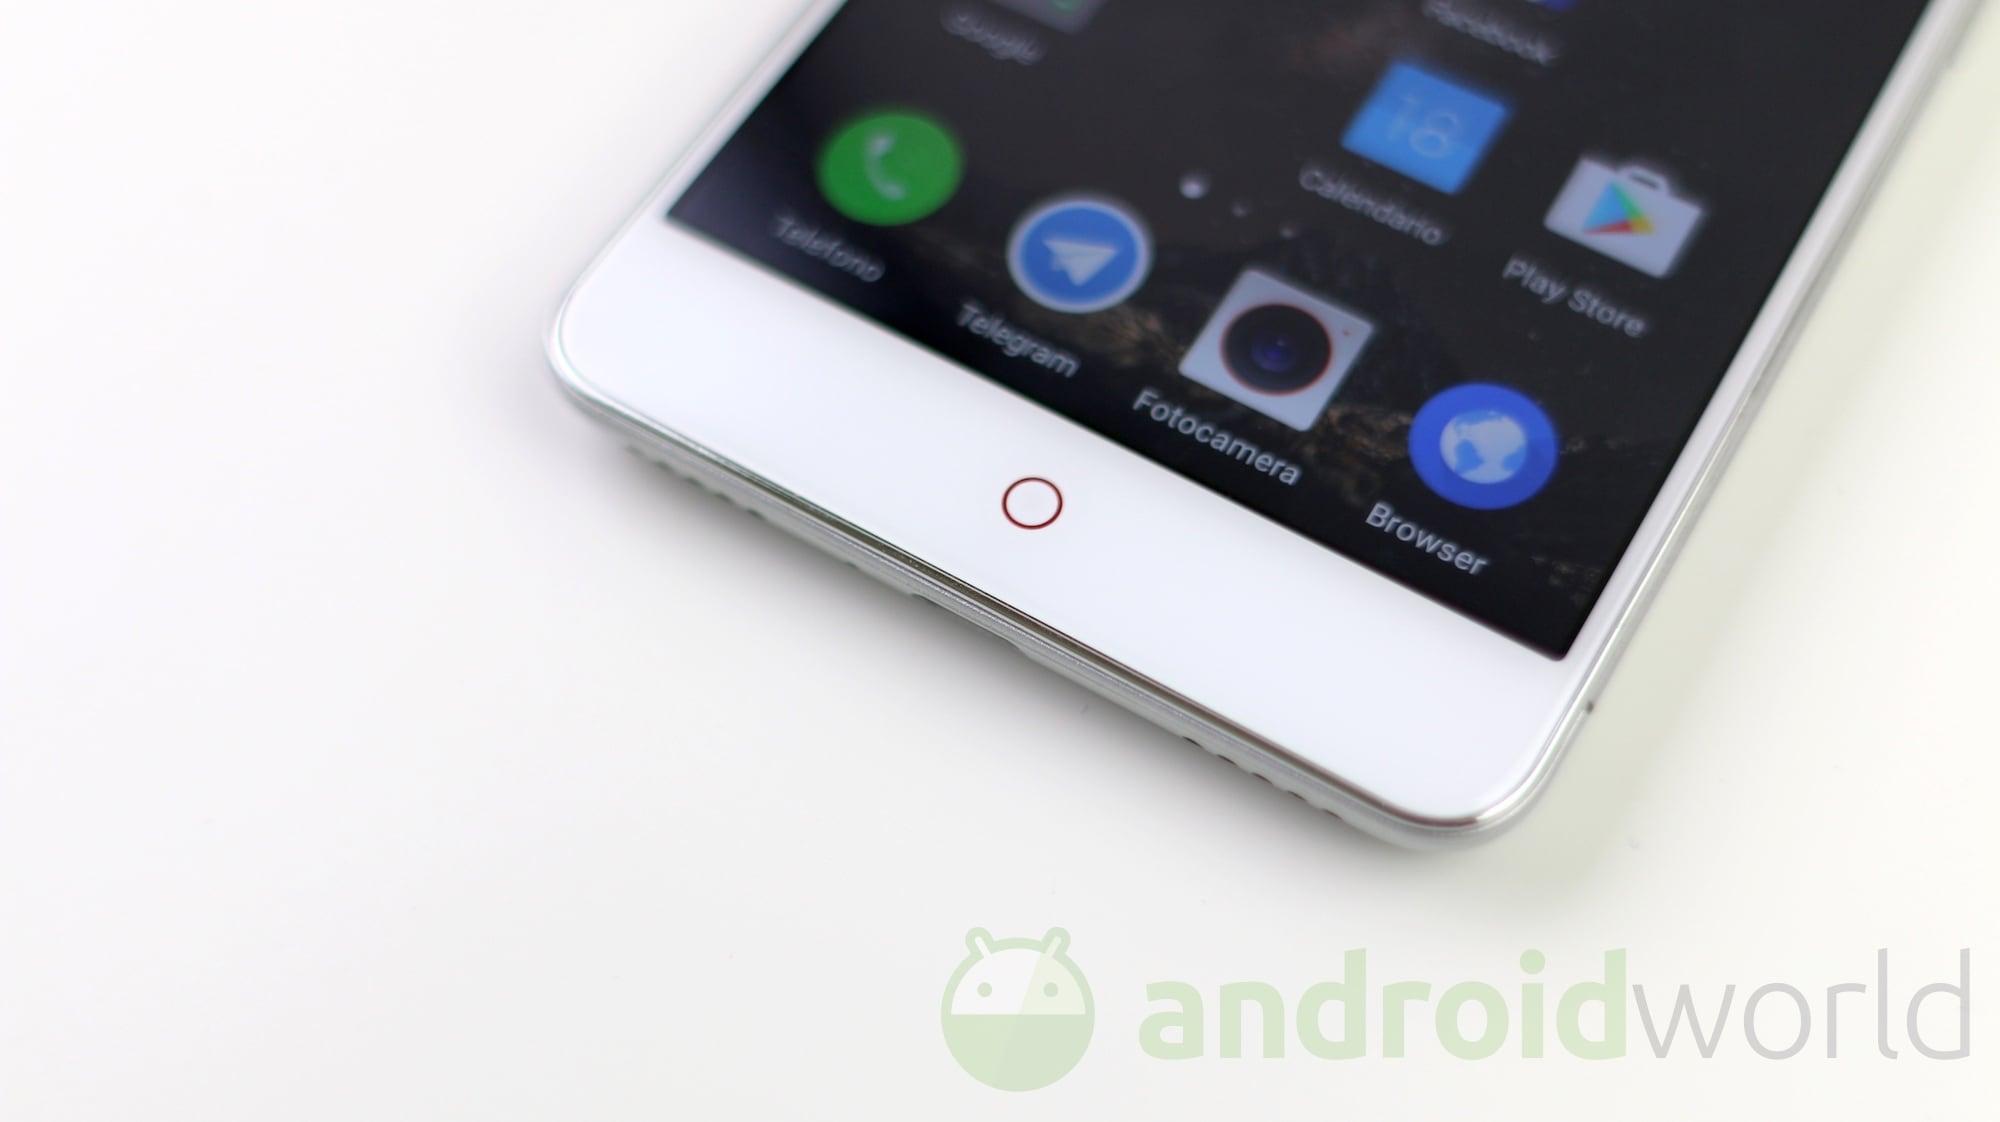 Nubia N1 riceve in anticipo l'aggiornamento ad Android 6.0 Marshmallow